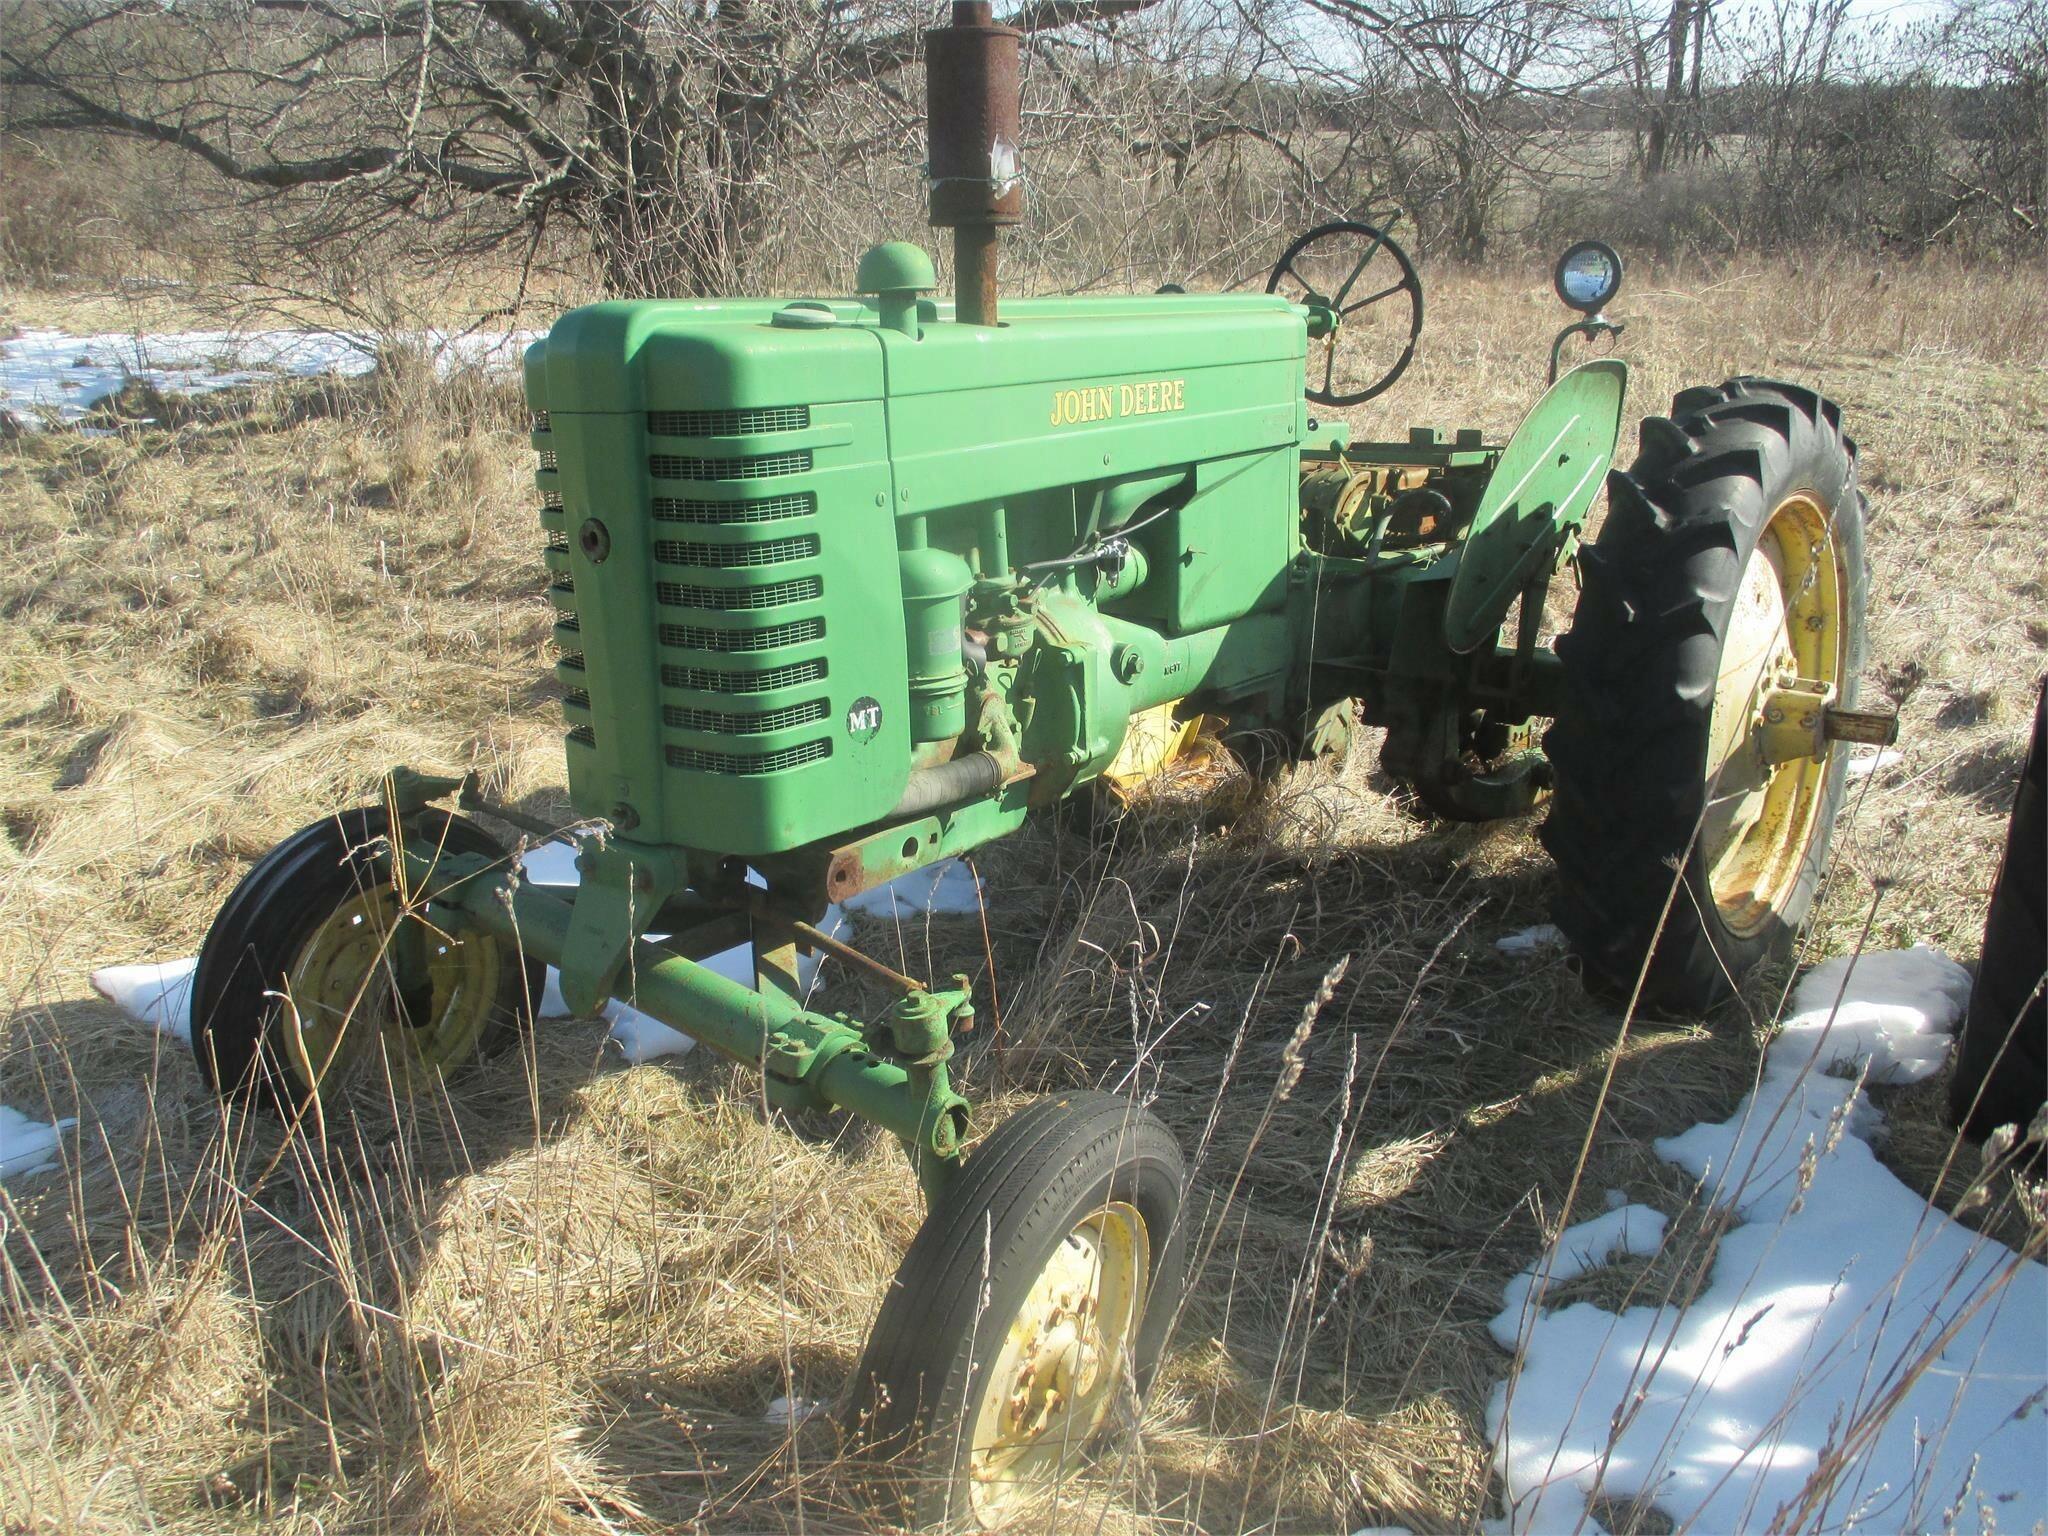 1951 John Deere M Tractor